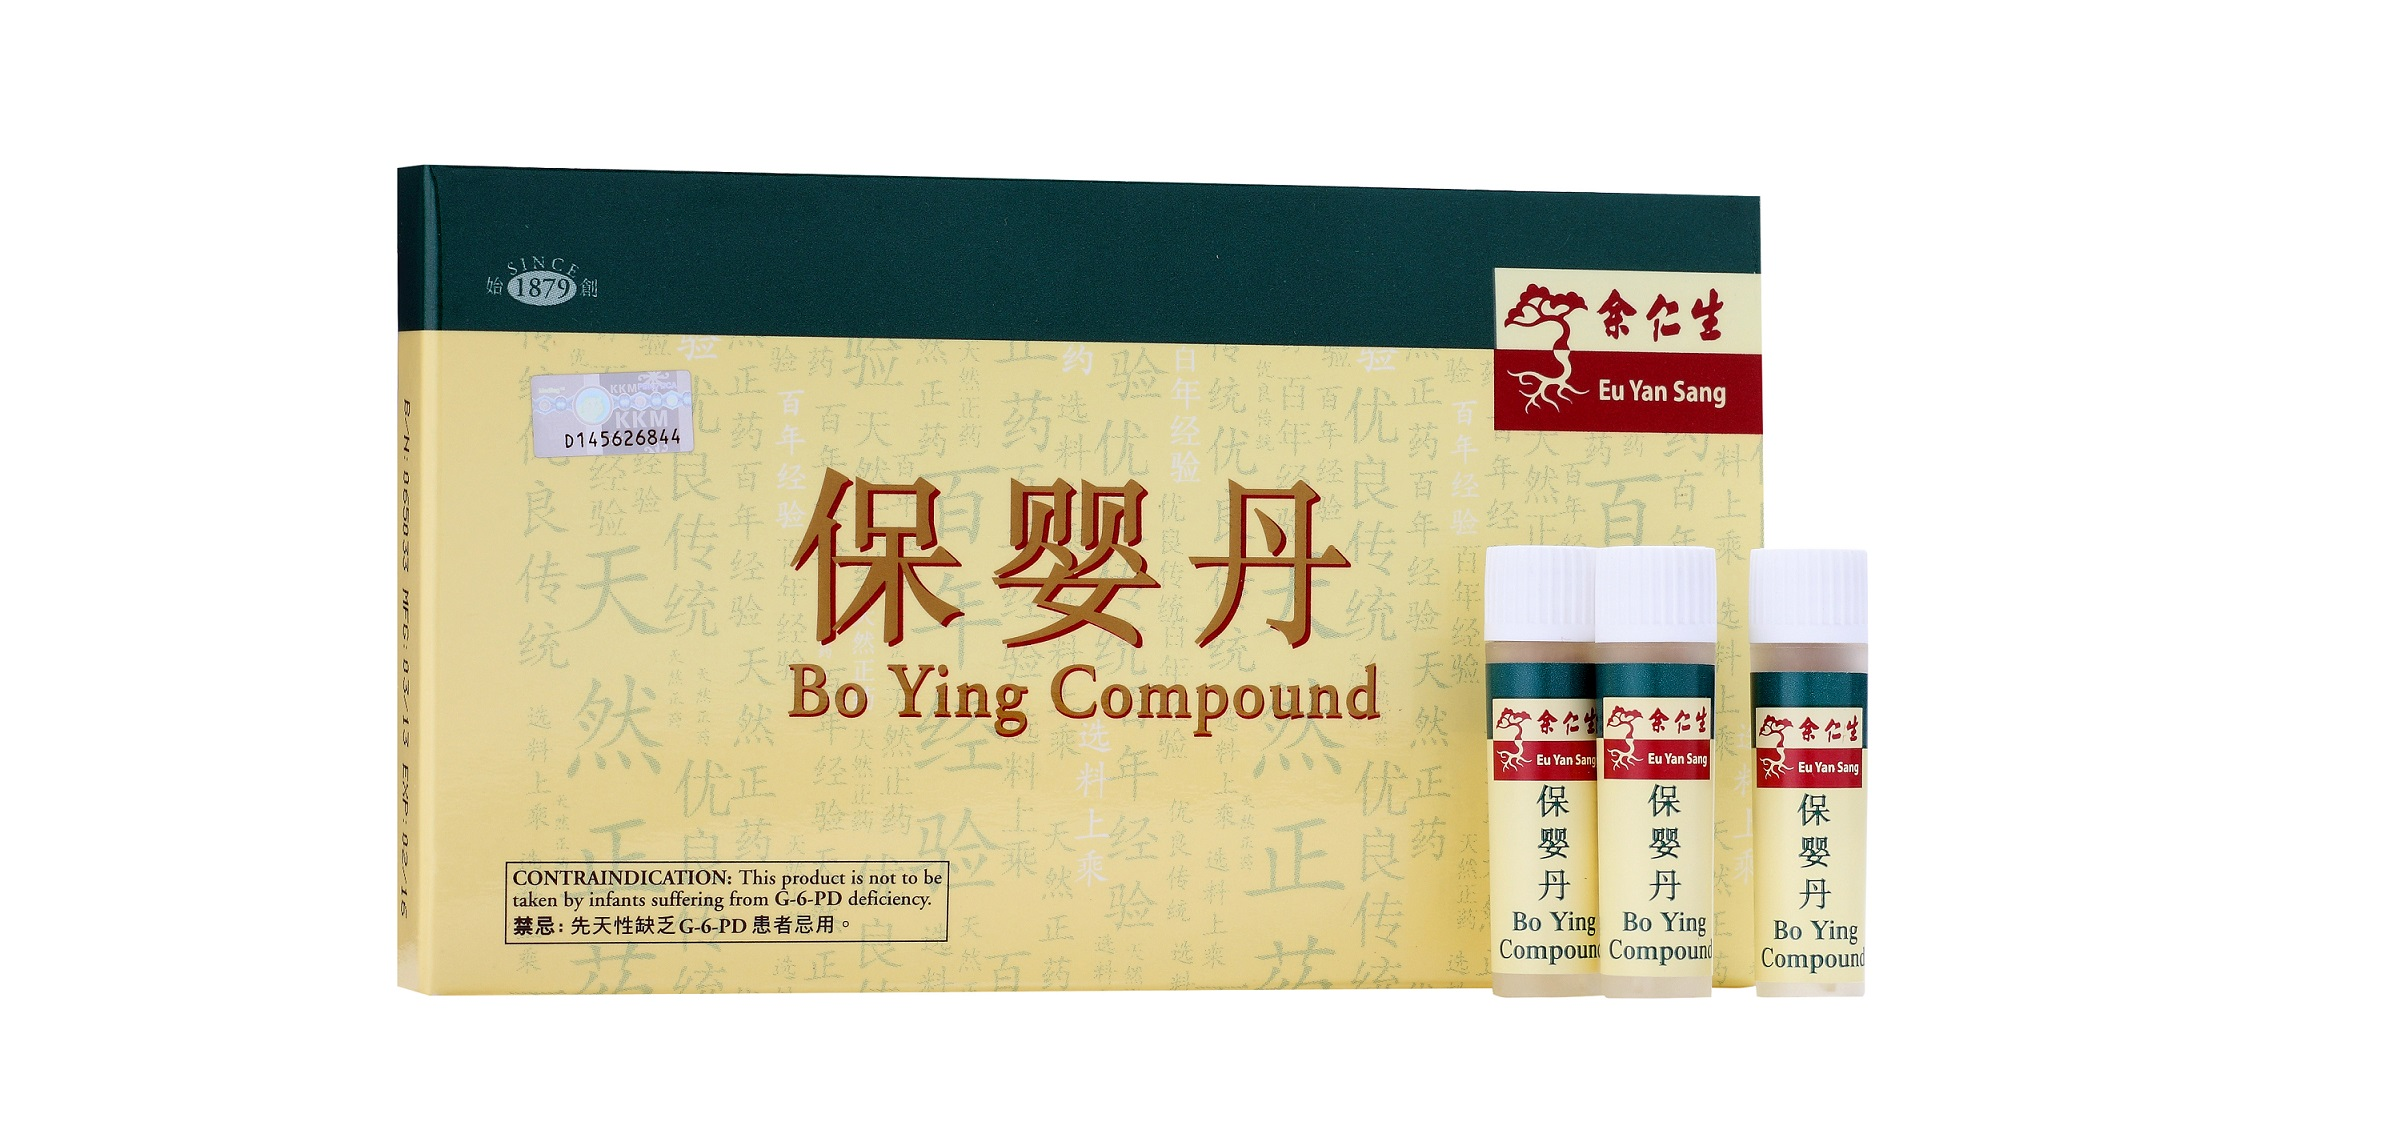 Bo Ying Compound